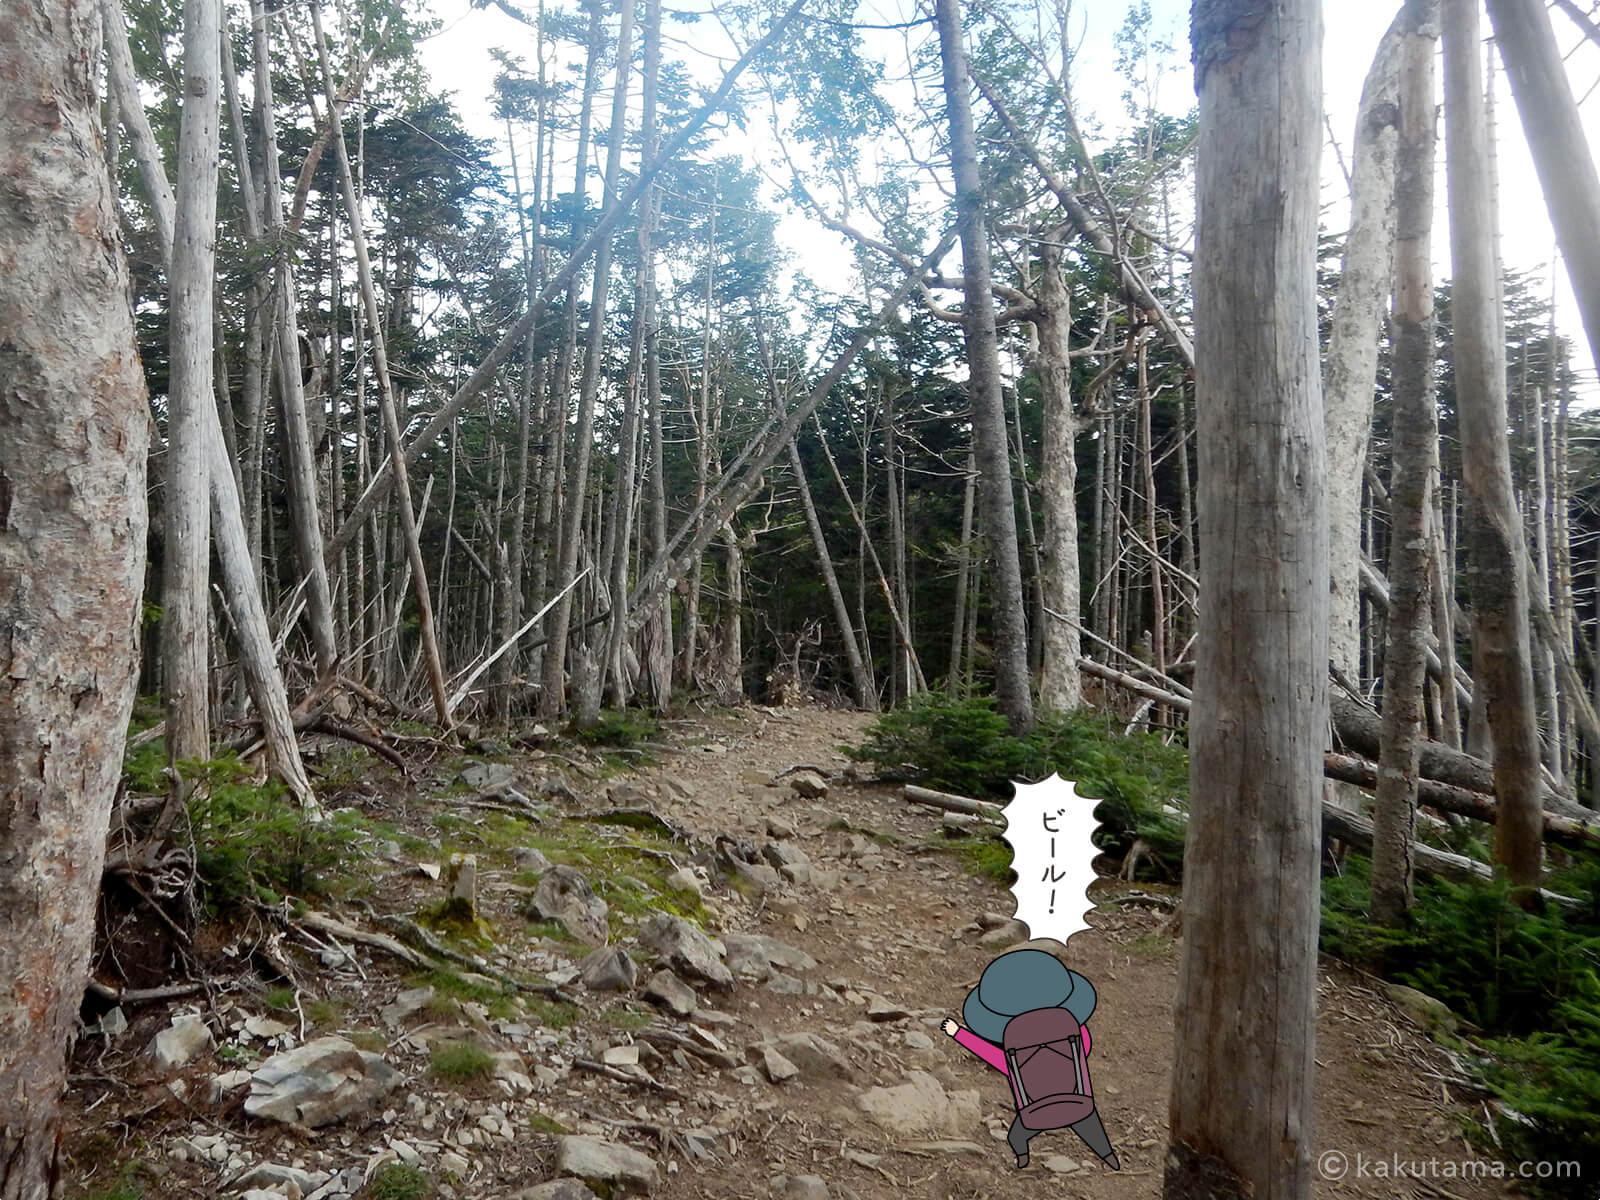 朝日岳から大弛峠へ向かって下山4